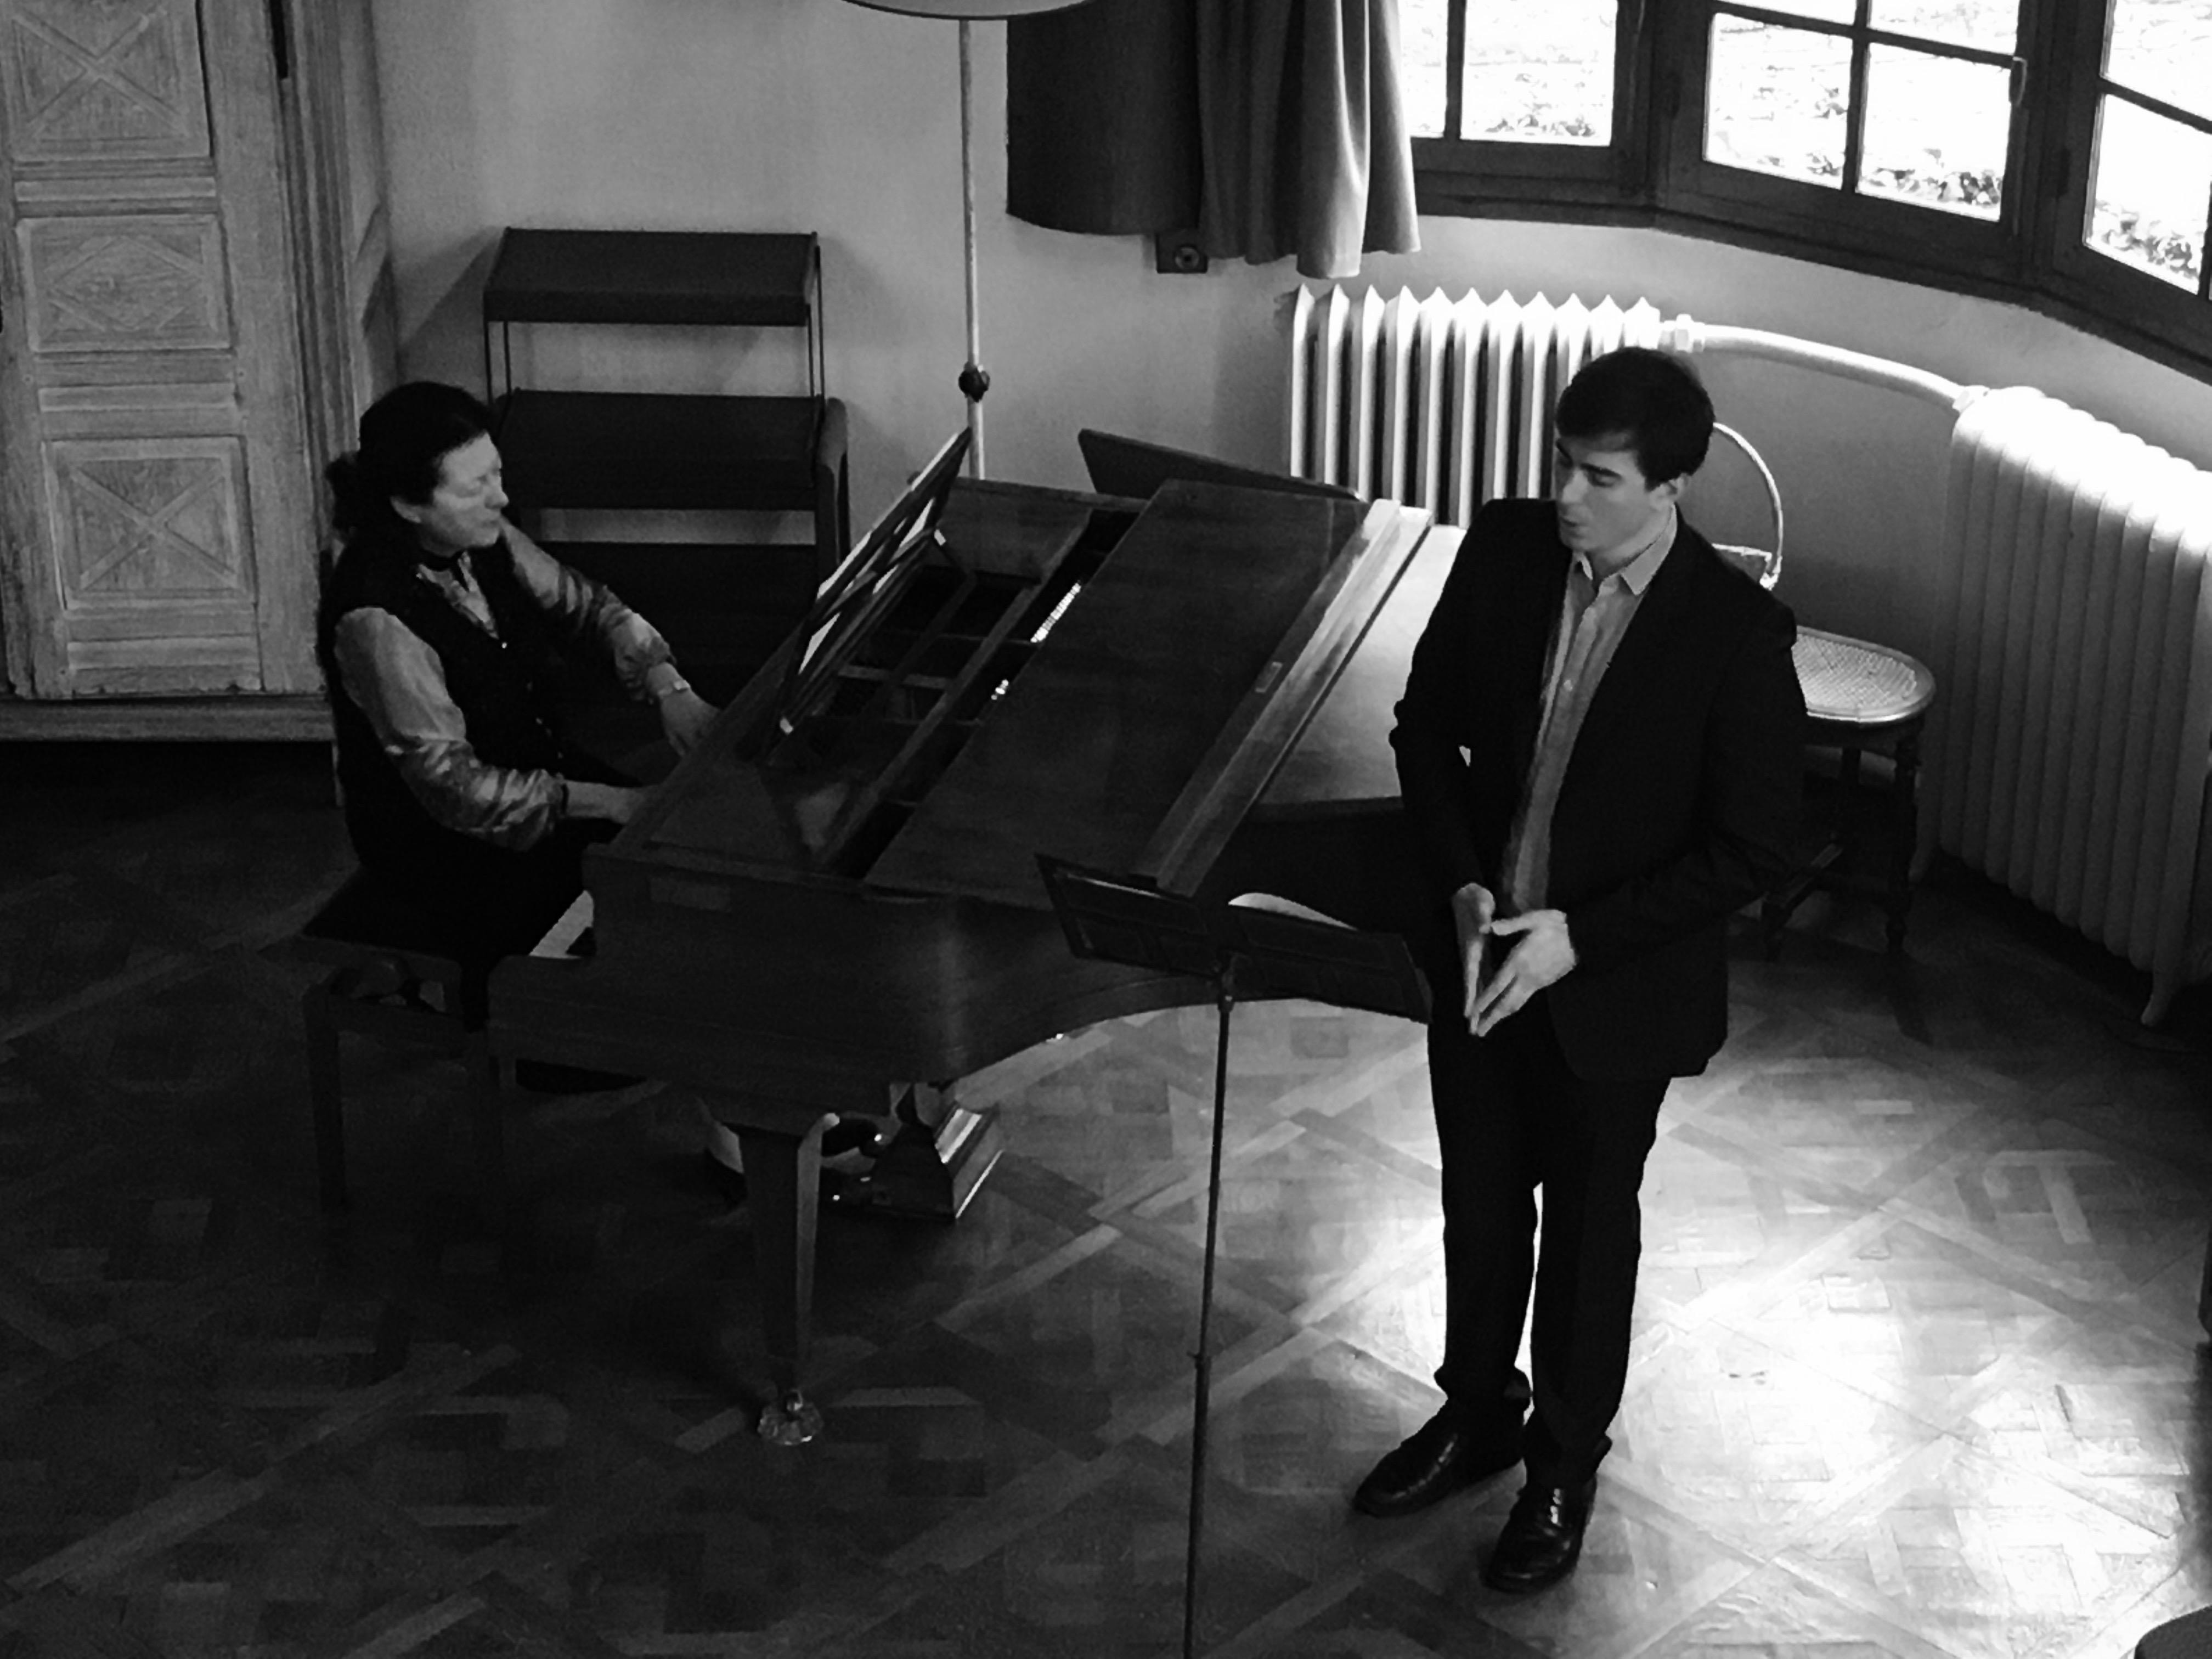 Auditorium Nadia et Lili Boulanger, la pianiste Mireille Le Coz et le baryton Eudes Peyre interprètent le cycle Nuit Bleue de Philippe Chamouard.